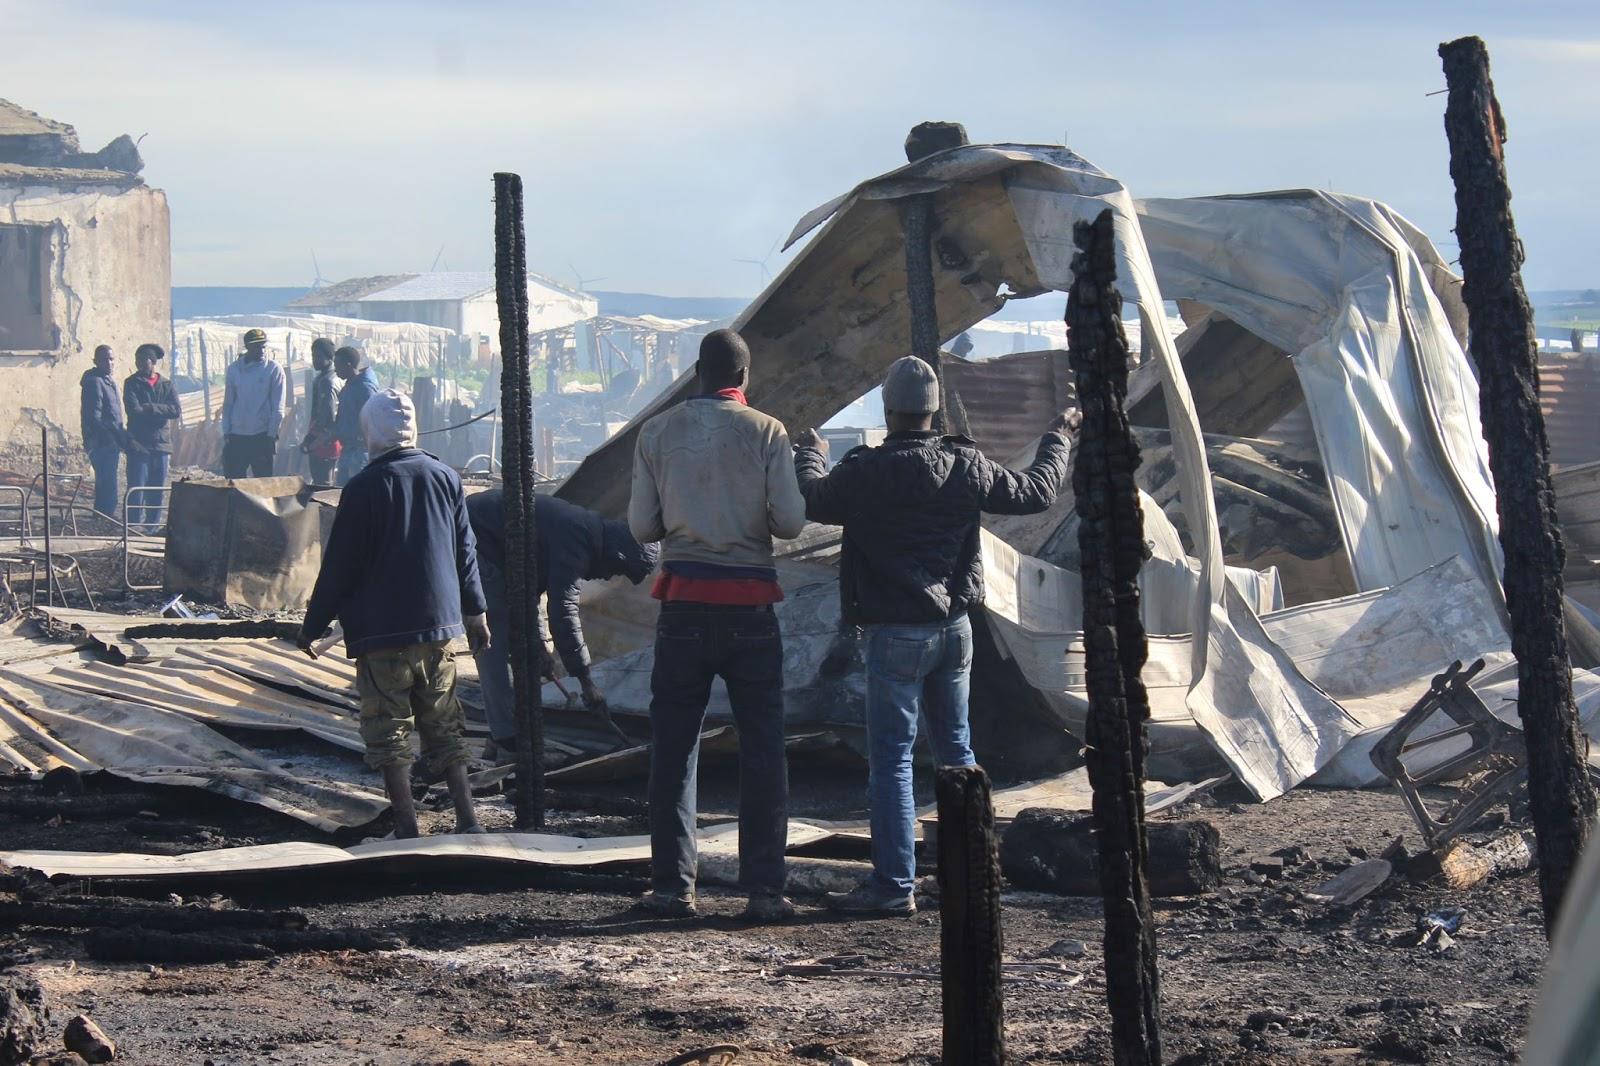 Incendio ghetto migranti: forse l'hanno appiccato loro. Non se ne volevano andare